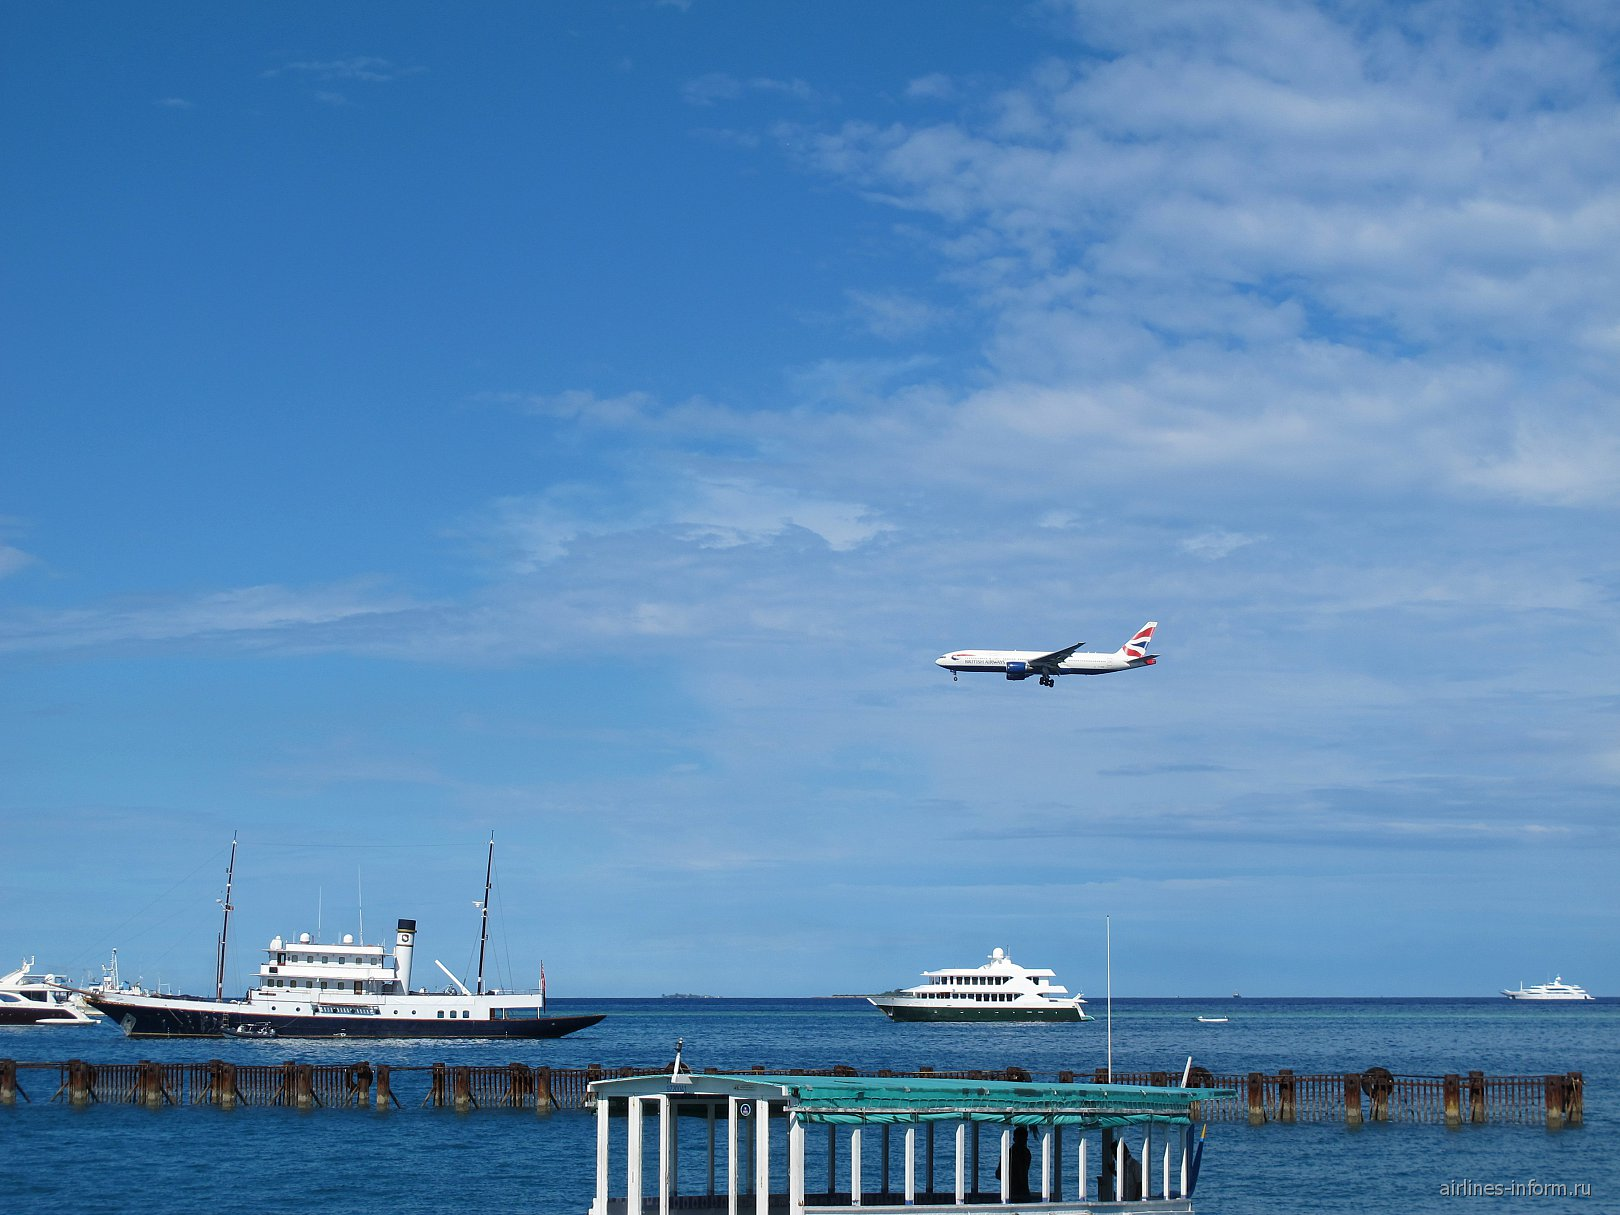 Боинг-777-200 Британских авиалиний заходит на посадку в аэропорт Мале